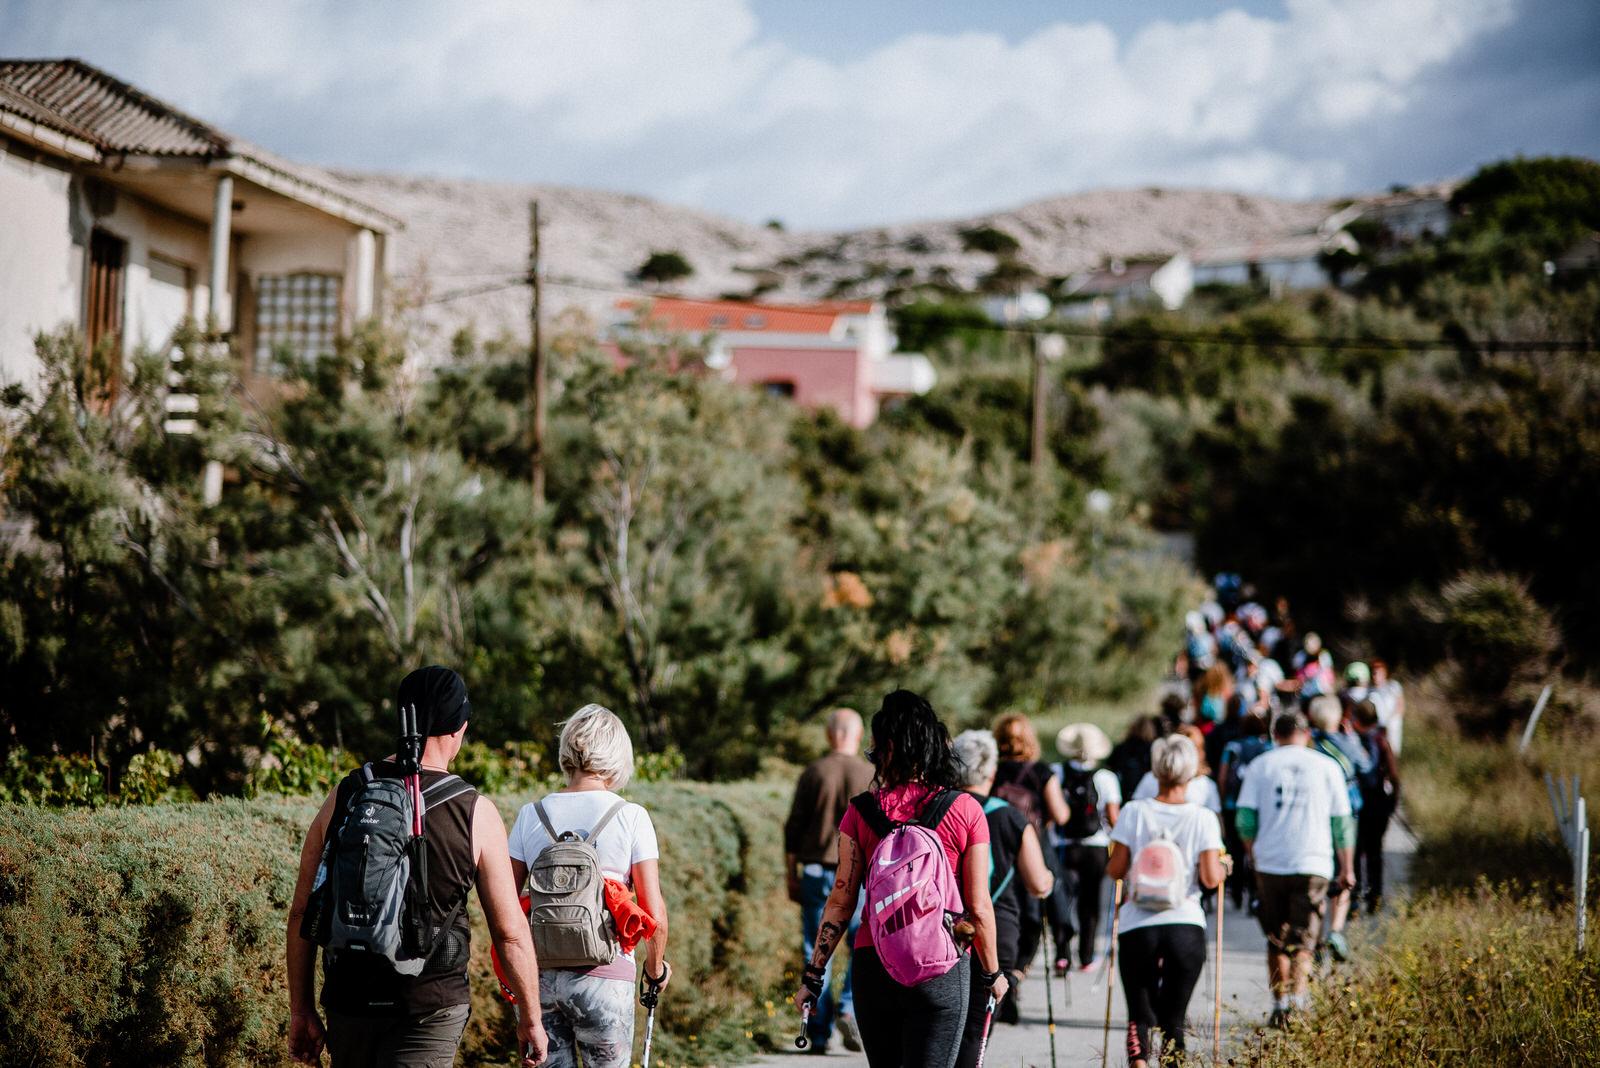 likaclub_nordijsko-hodanje-mjesečevim-otokom_pag-2019-20